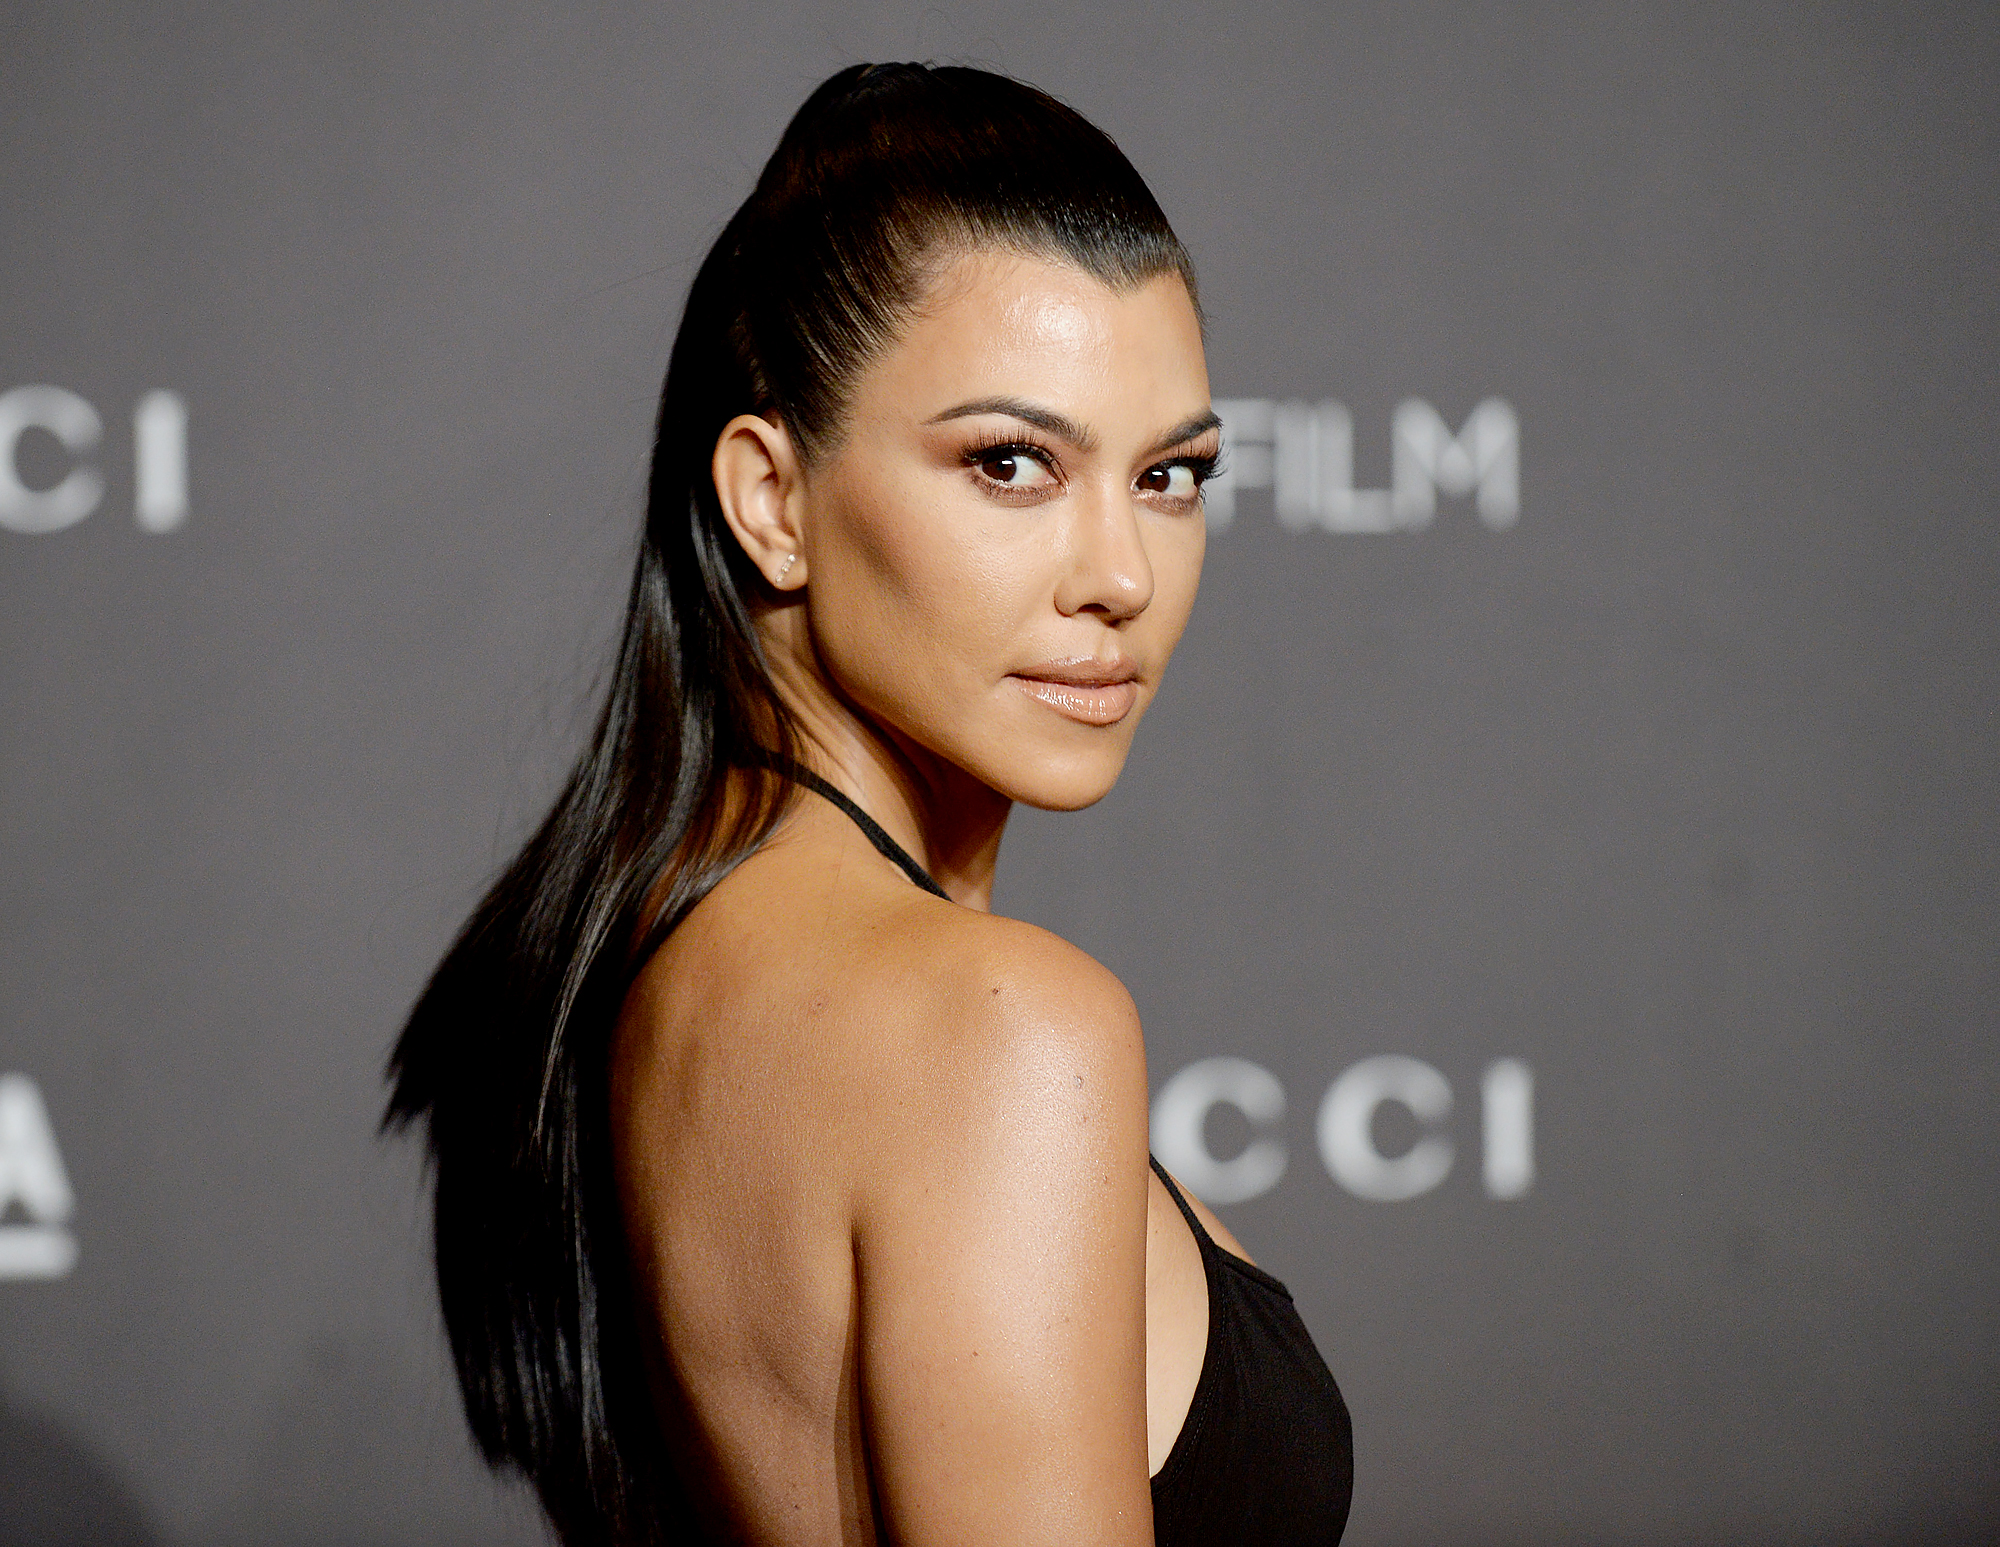 Kourtney-Kardashian-Is-Looking-for-a-Partner-not-fling